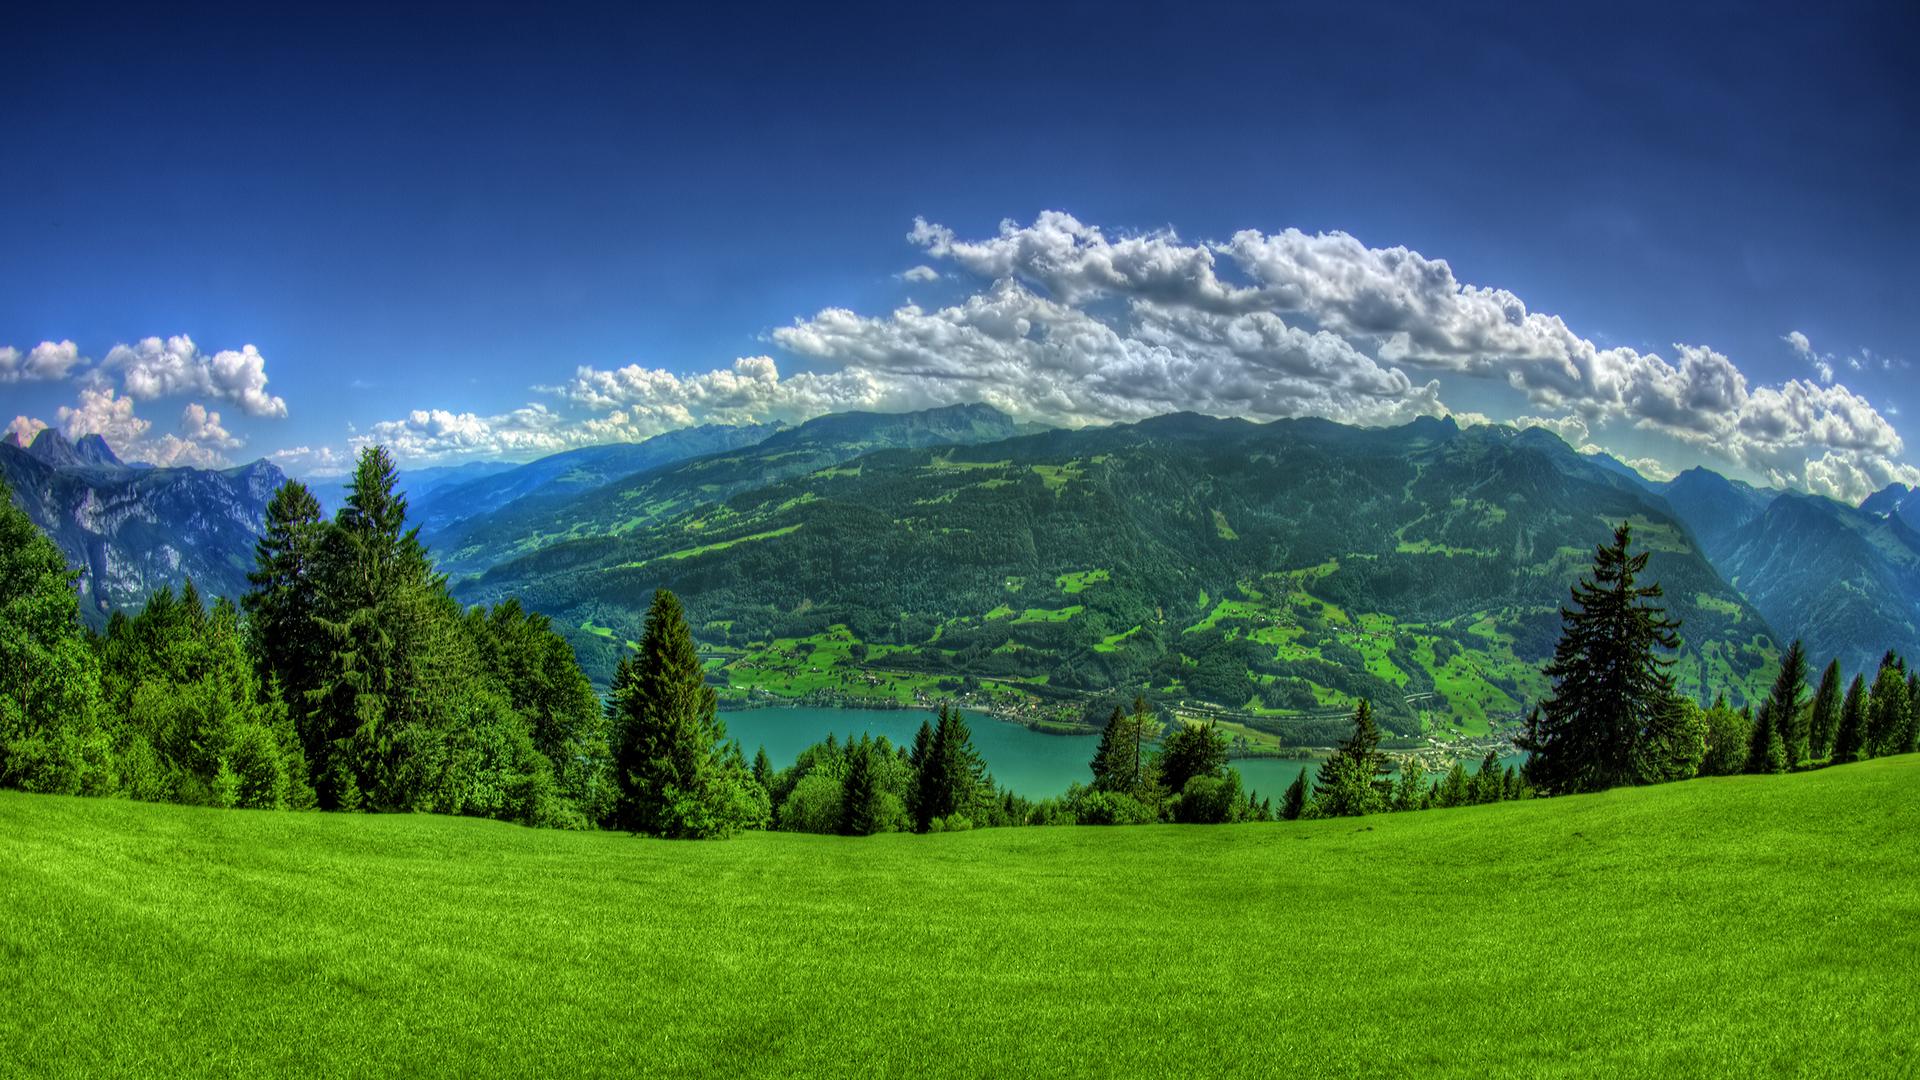 Bello valle de verde - 1920x1080